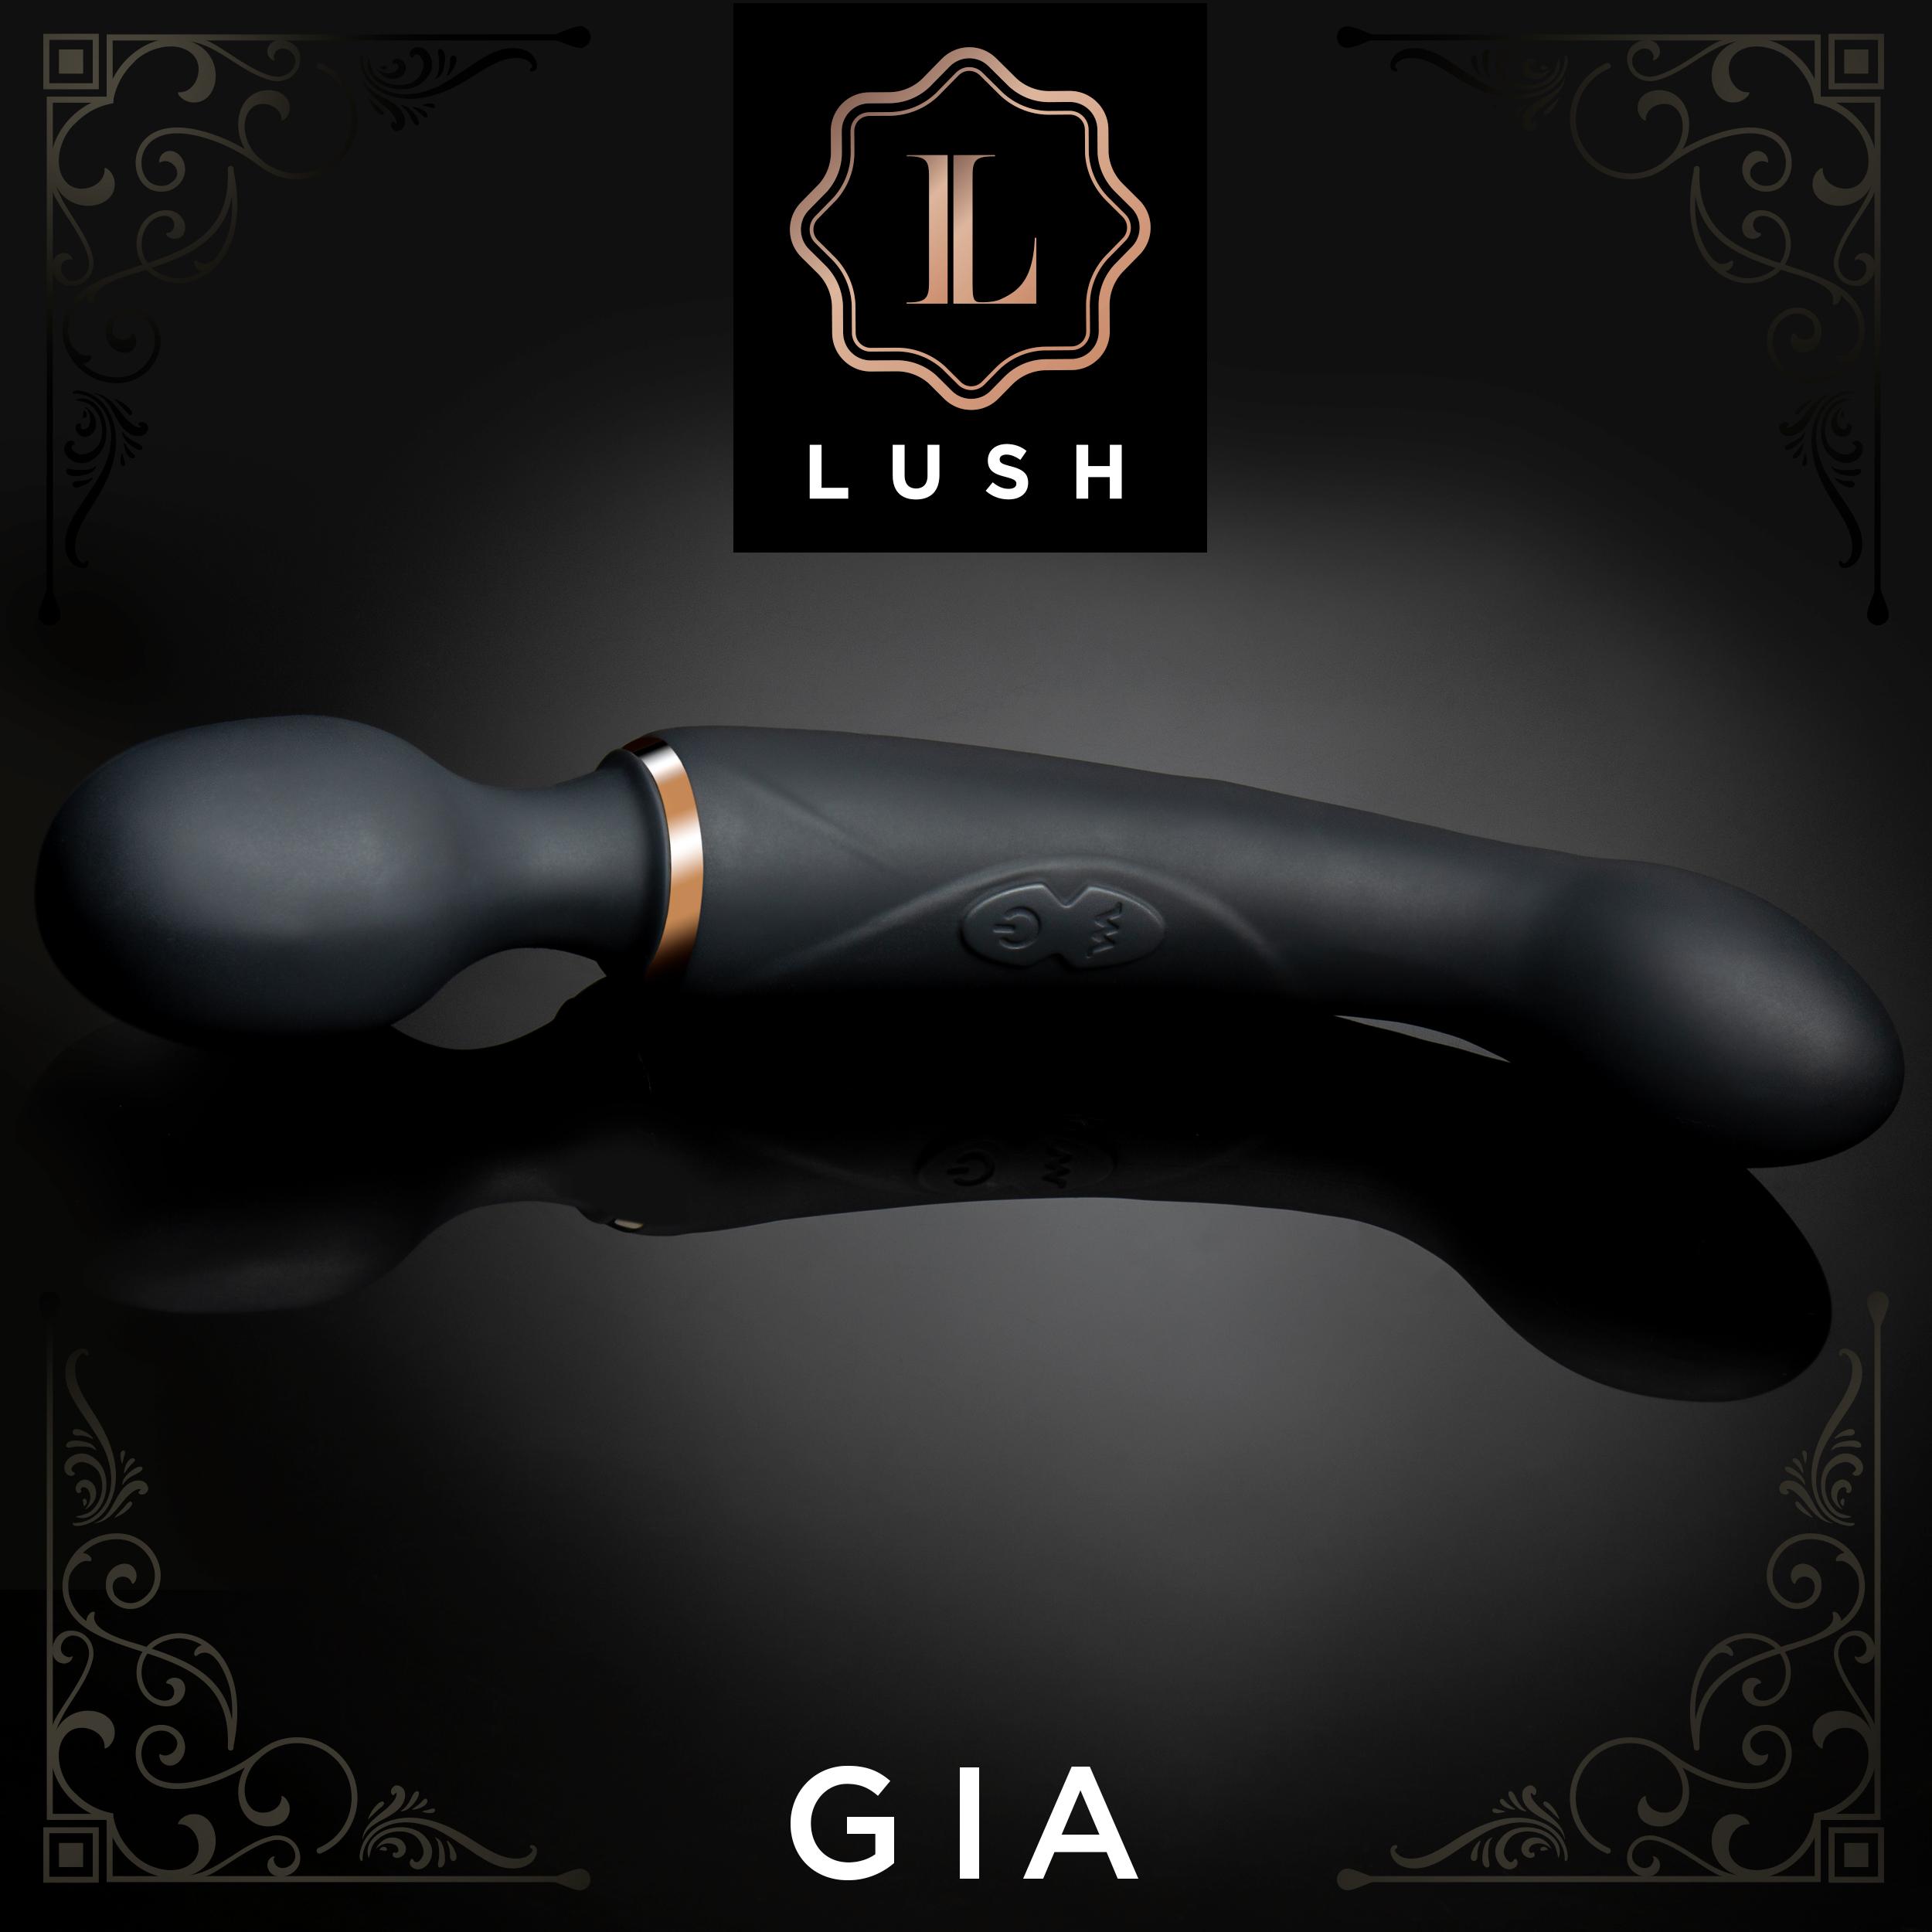 Lush Gia 3